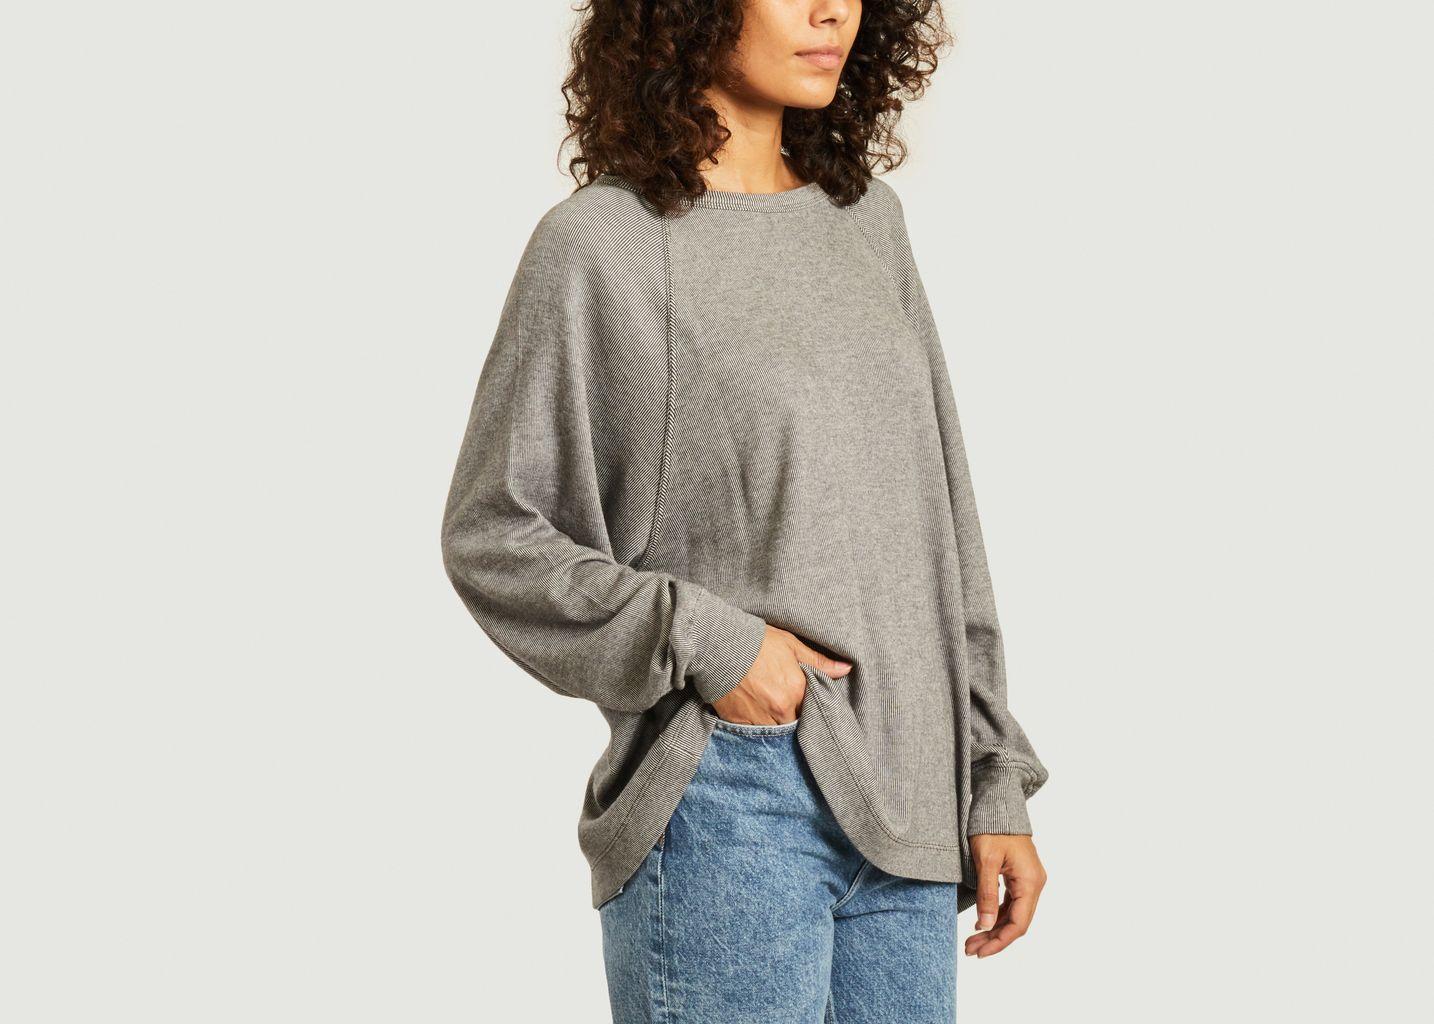 Sweatshirt Valow  - American Vintage